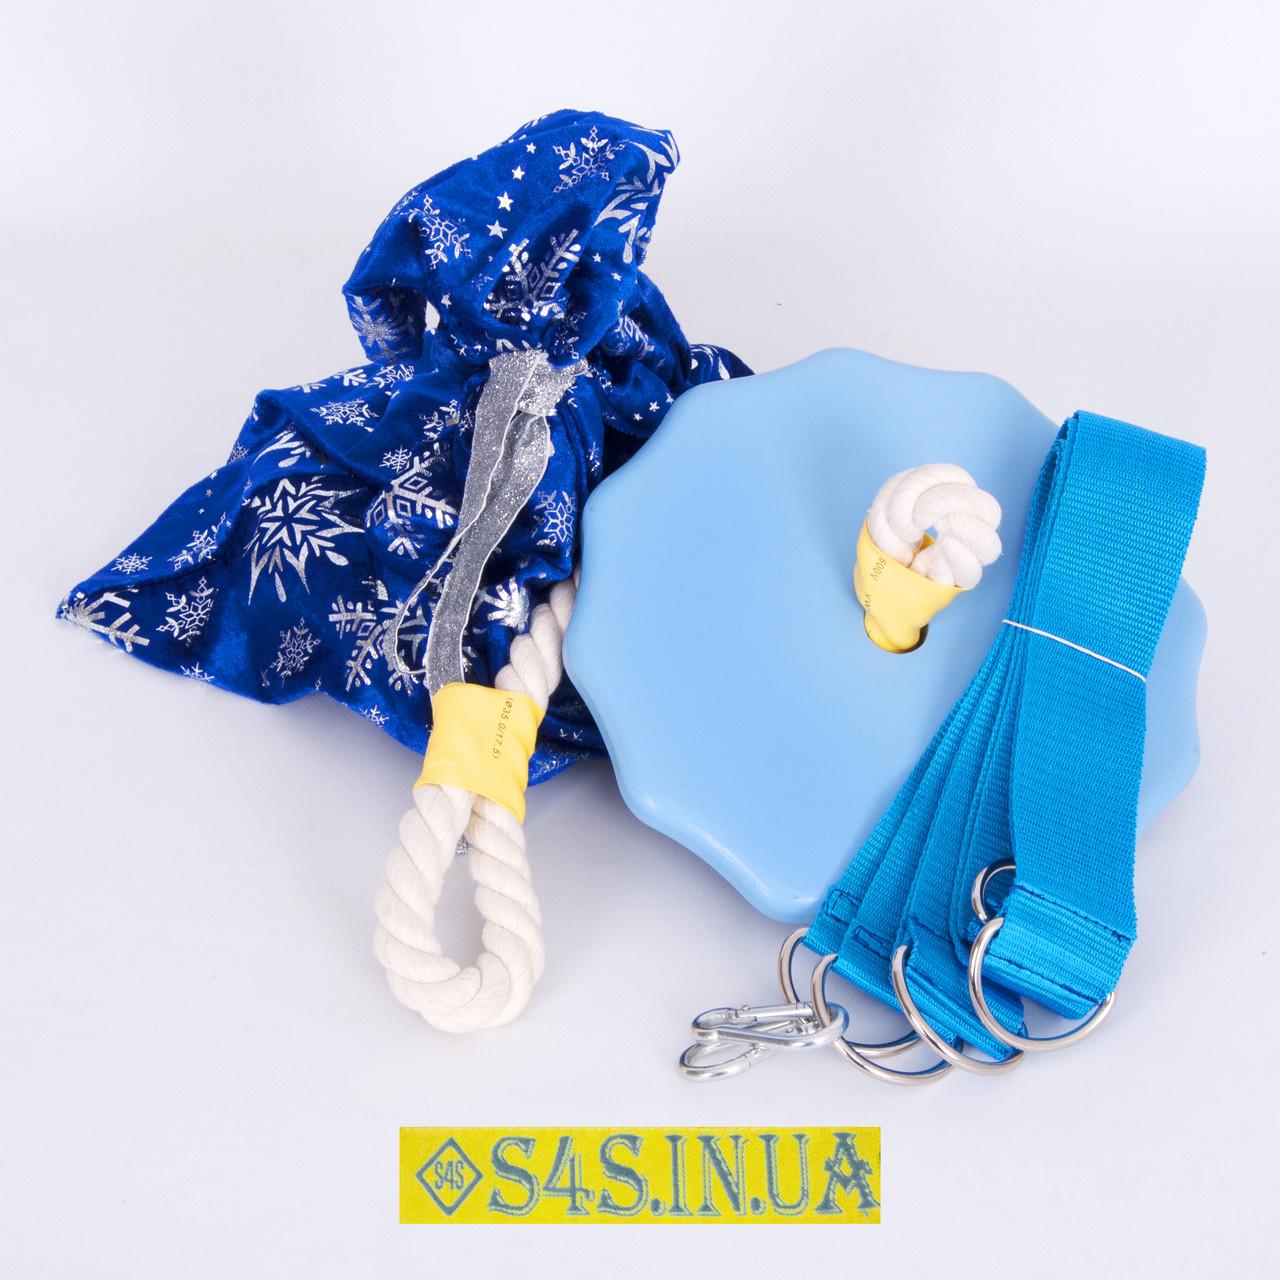 Подарок Детские качели тарзанка для улицы, подвесные из дерева «ЭЛИТ», лазурь, в подарочной упаковке